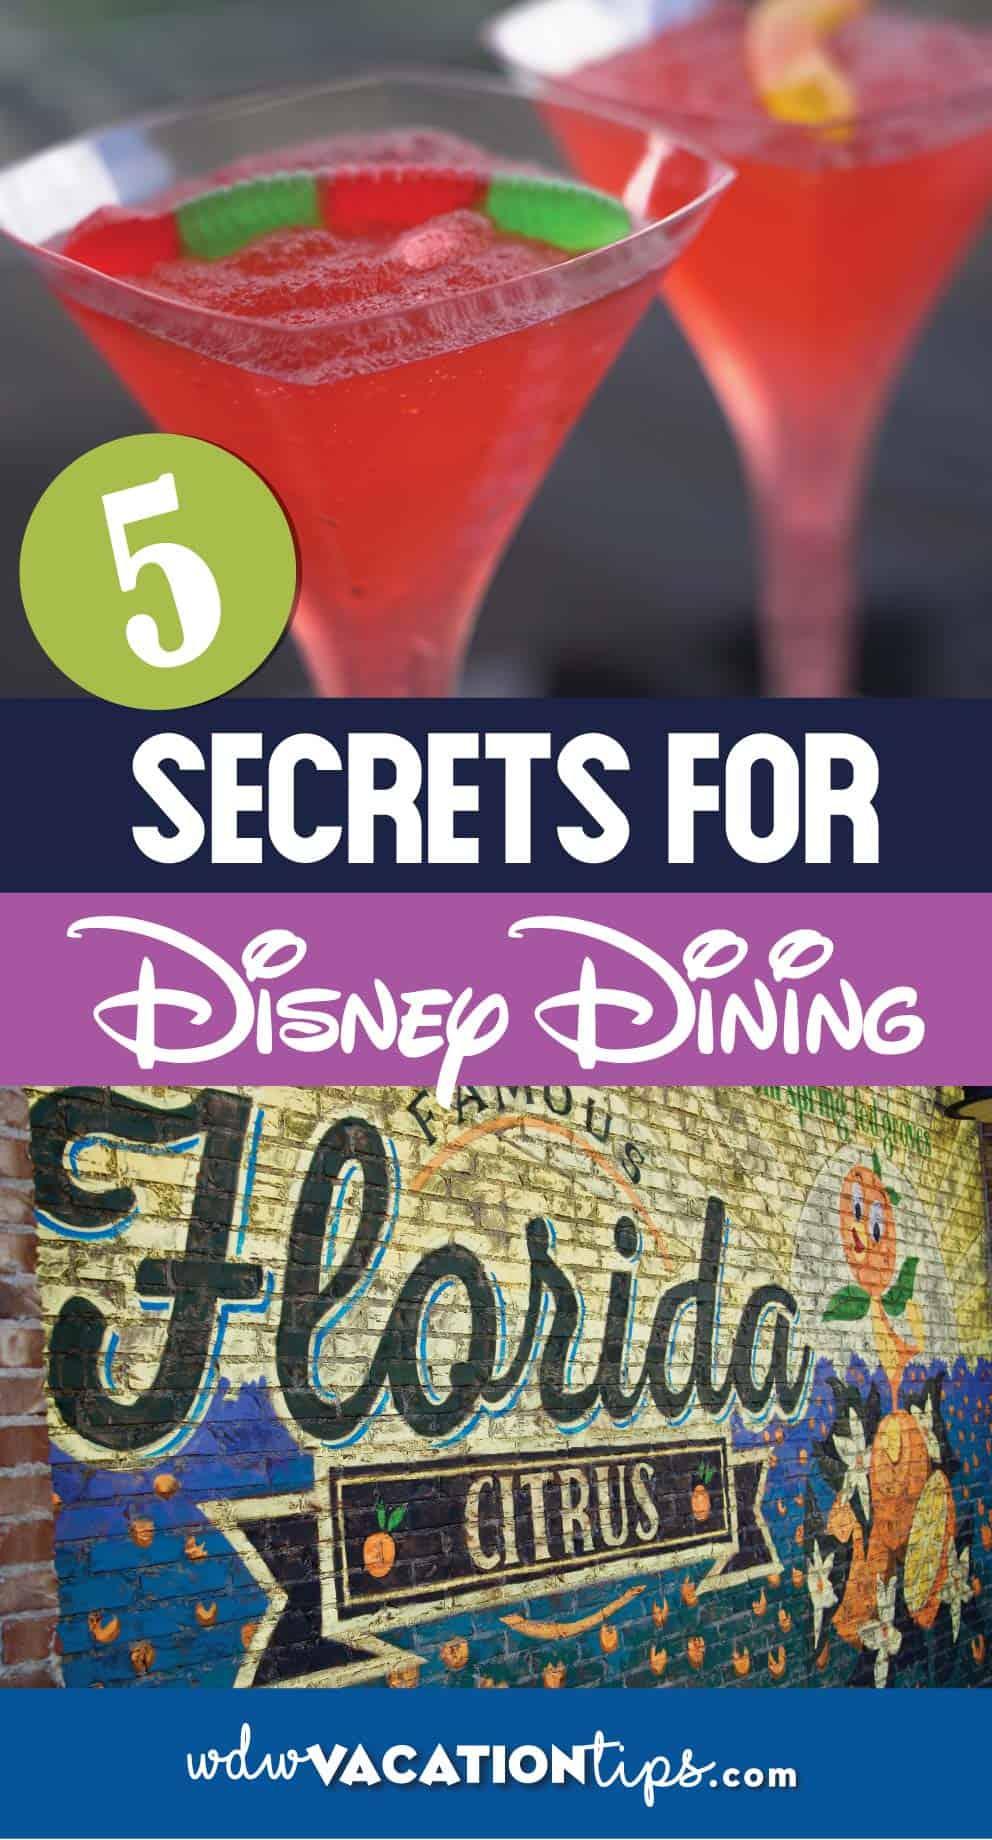 Disney Dining Secrets No One Shares 7